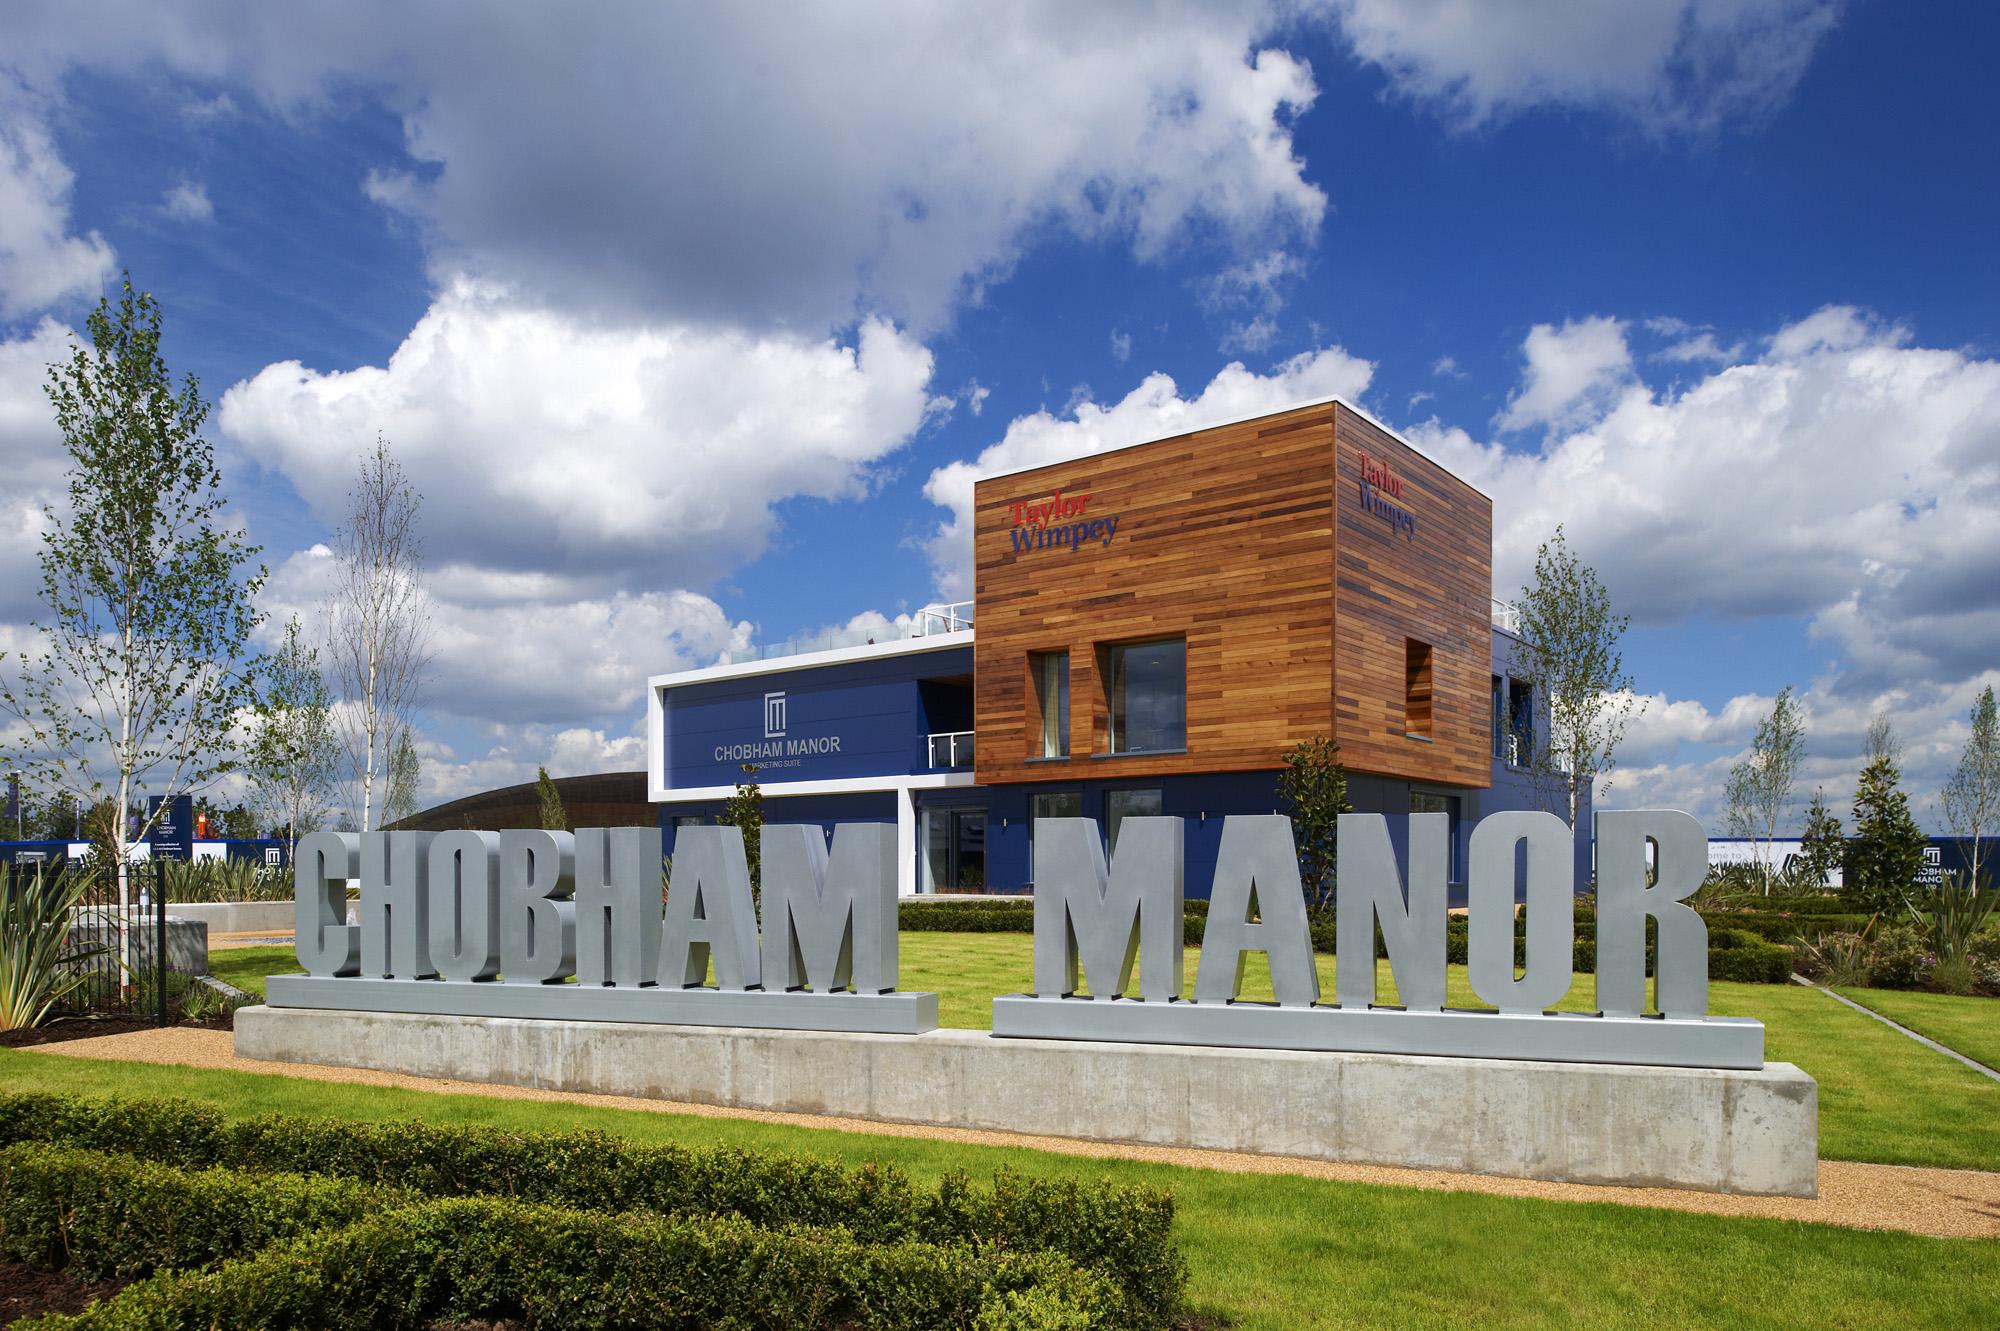 Chobham Manor image 2